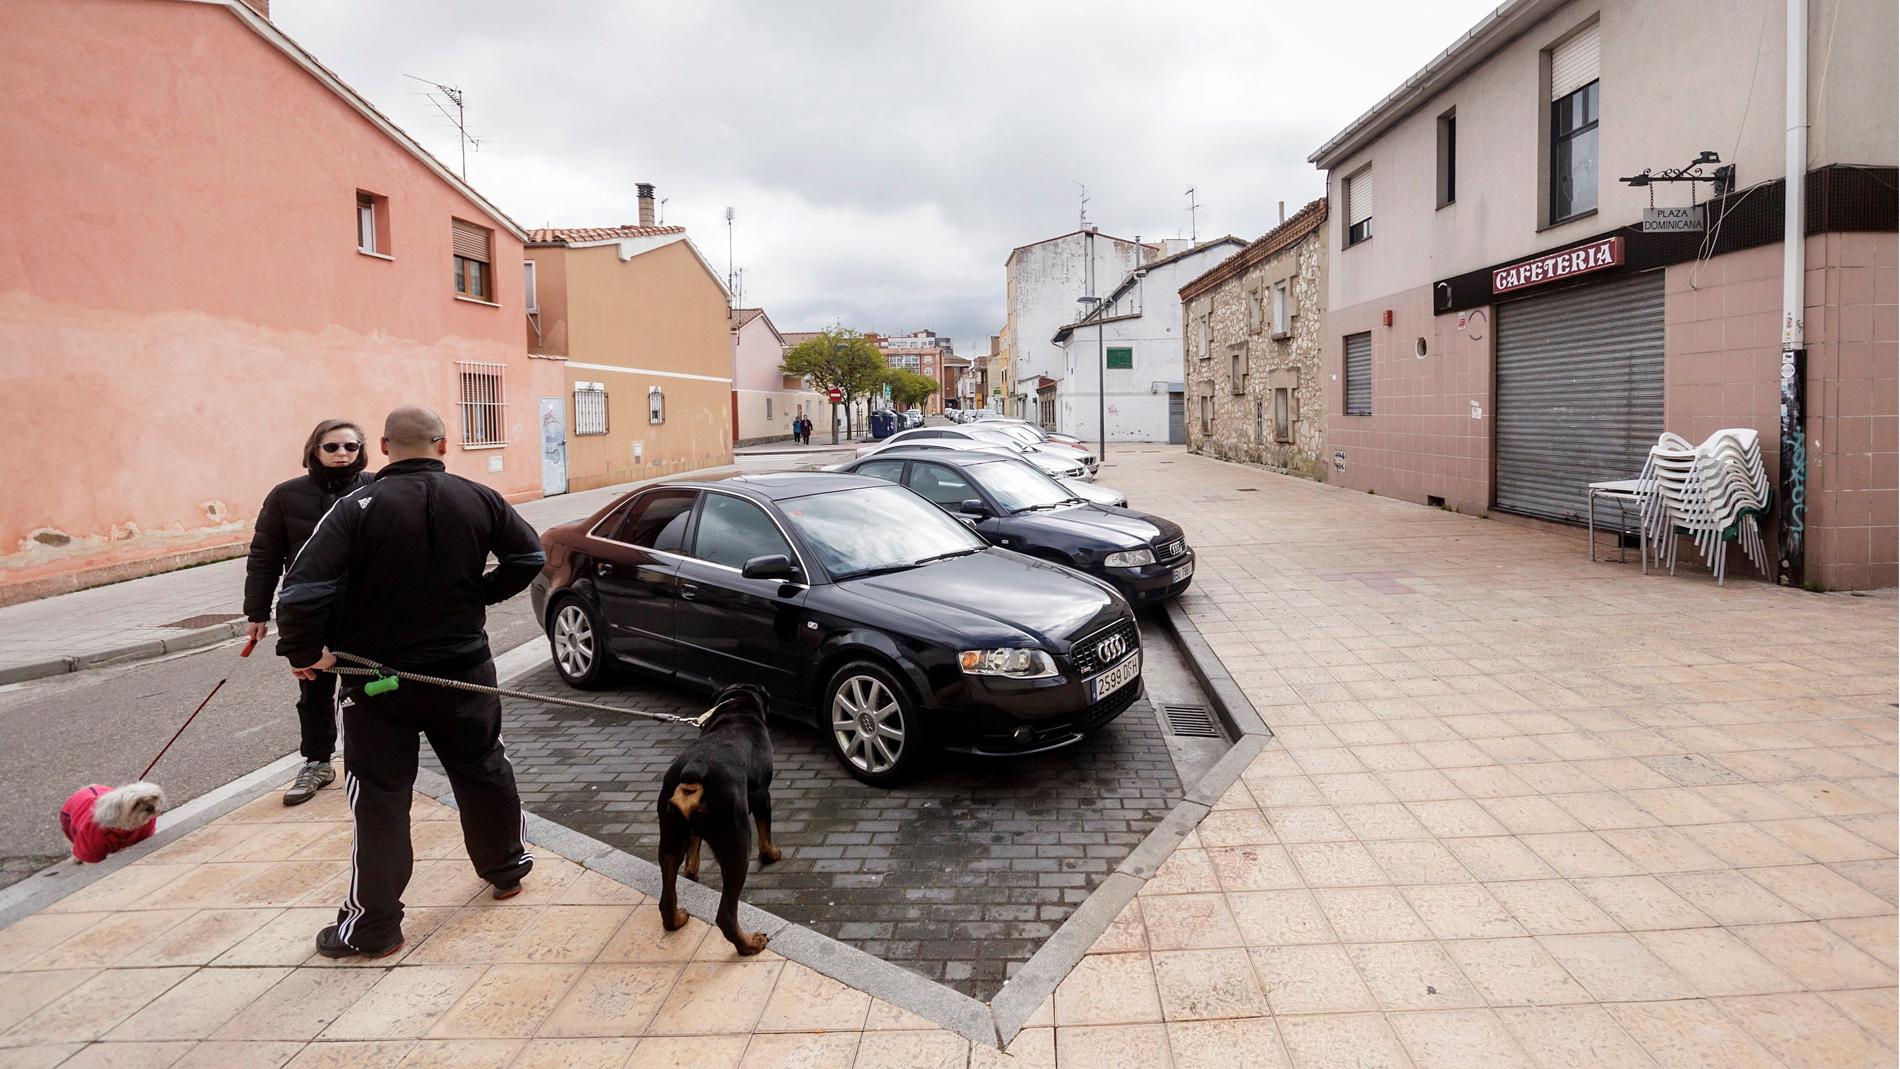 Ir al VideoDetenido un hombre en Burgos acusado de matar a su expareja, una mujer de 34 años